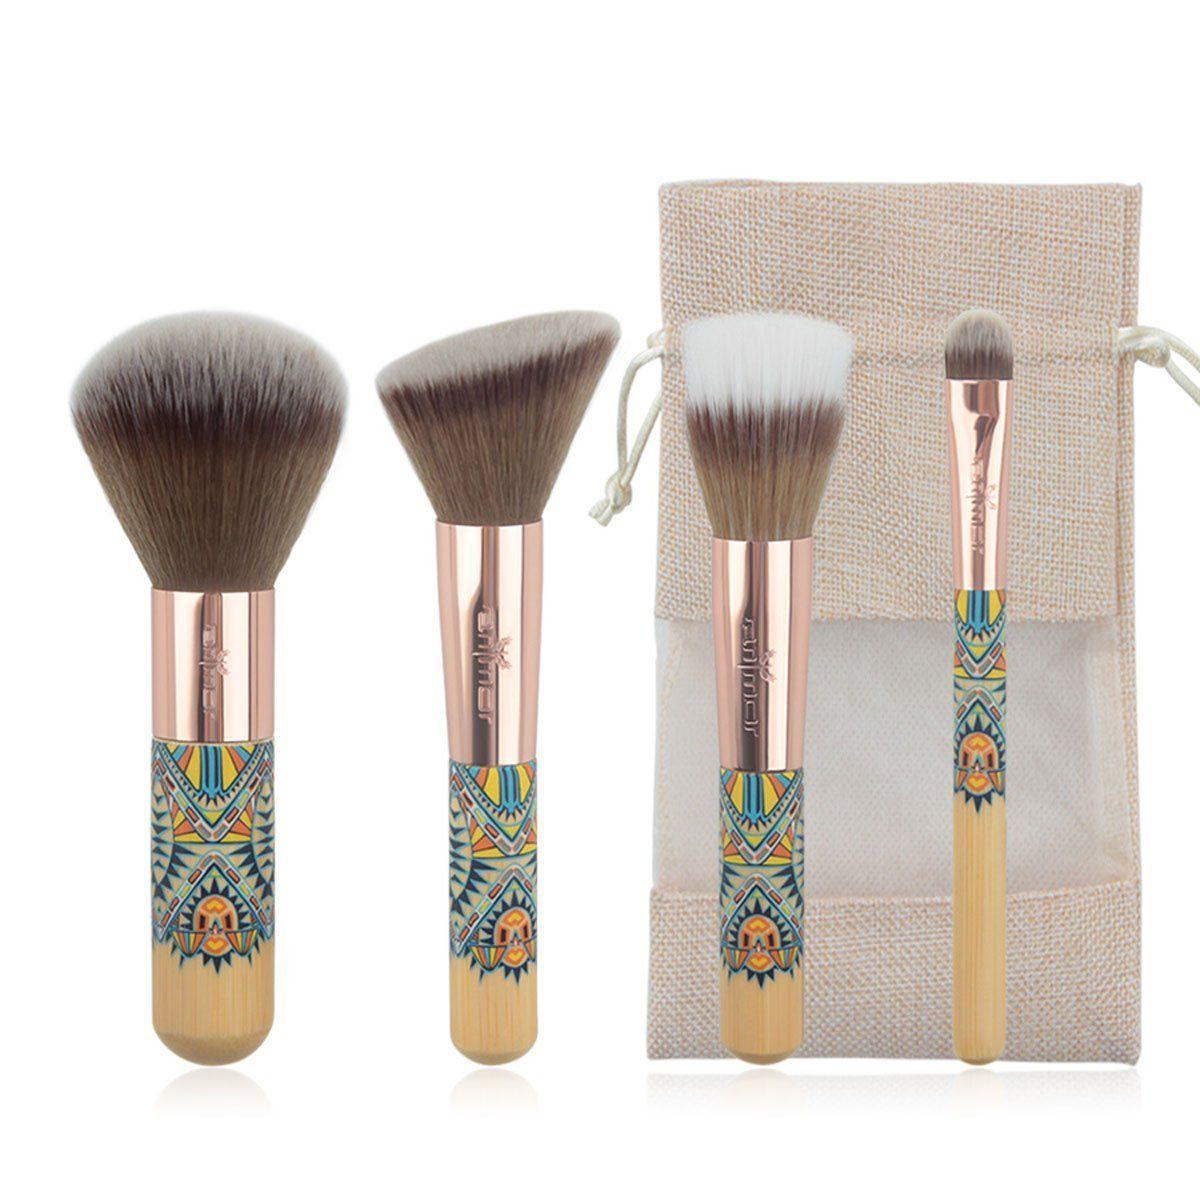 New Travelling Makeup Brush Set 4 Piece Fantasy Makeup Brushes Synthetic Powder Blush Eyeshadow Make Up Brushe Makeup Brush Set Makeup Brushes Eyeshadow Makeup